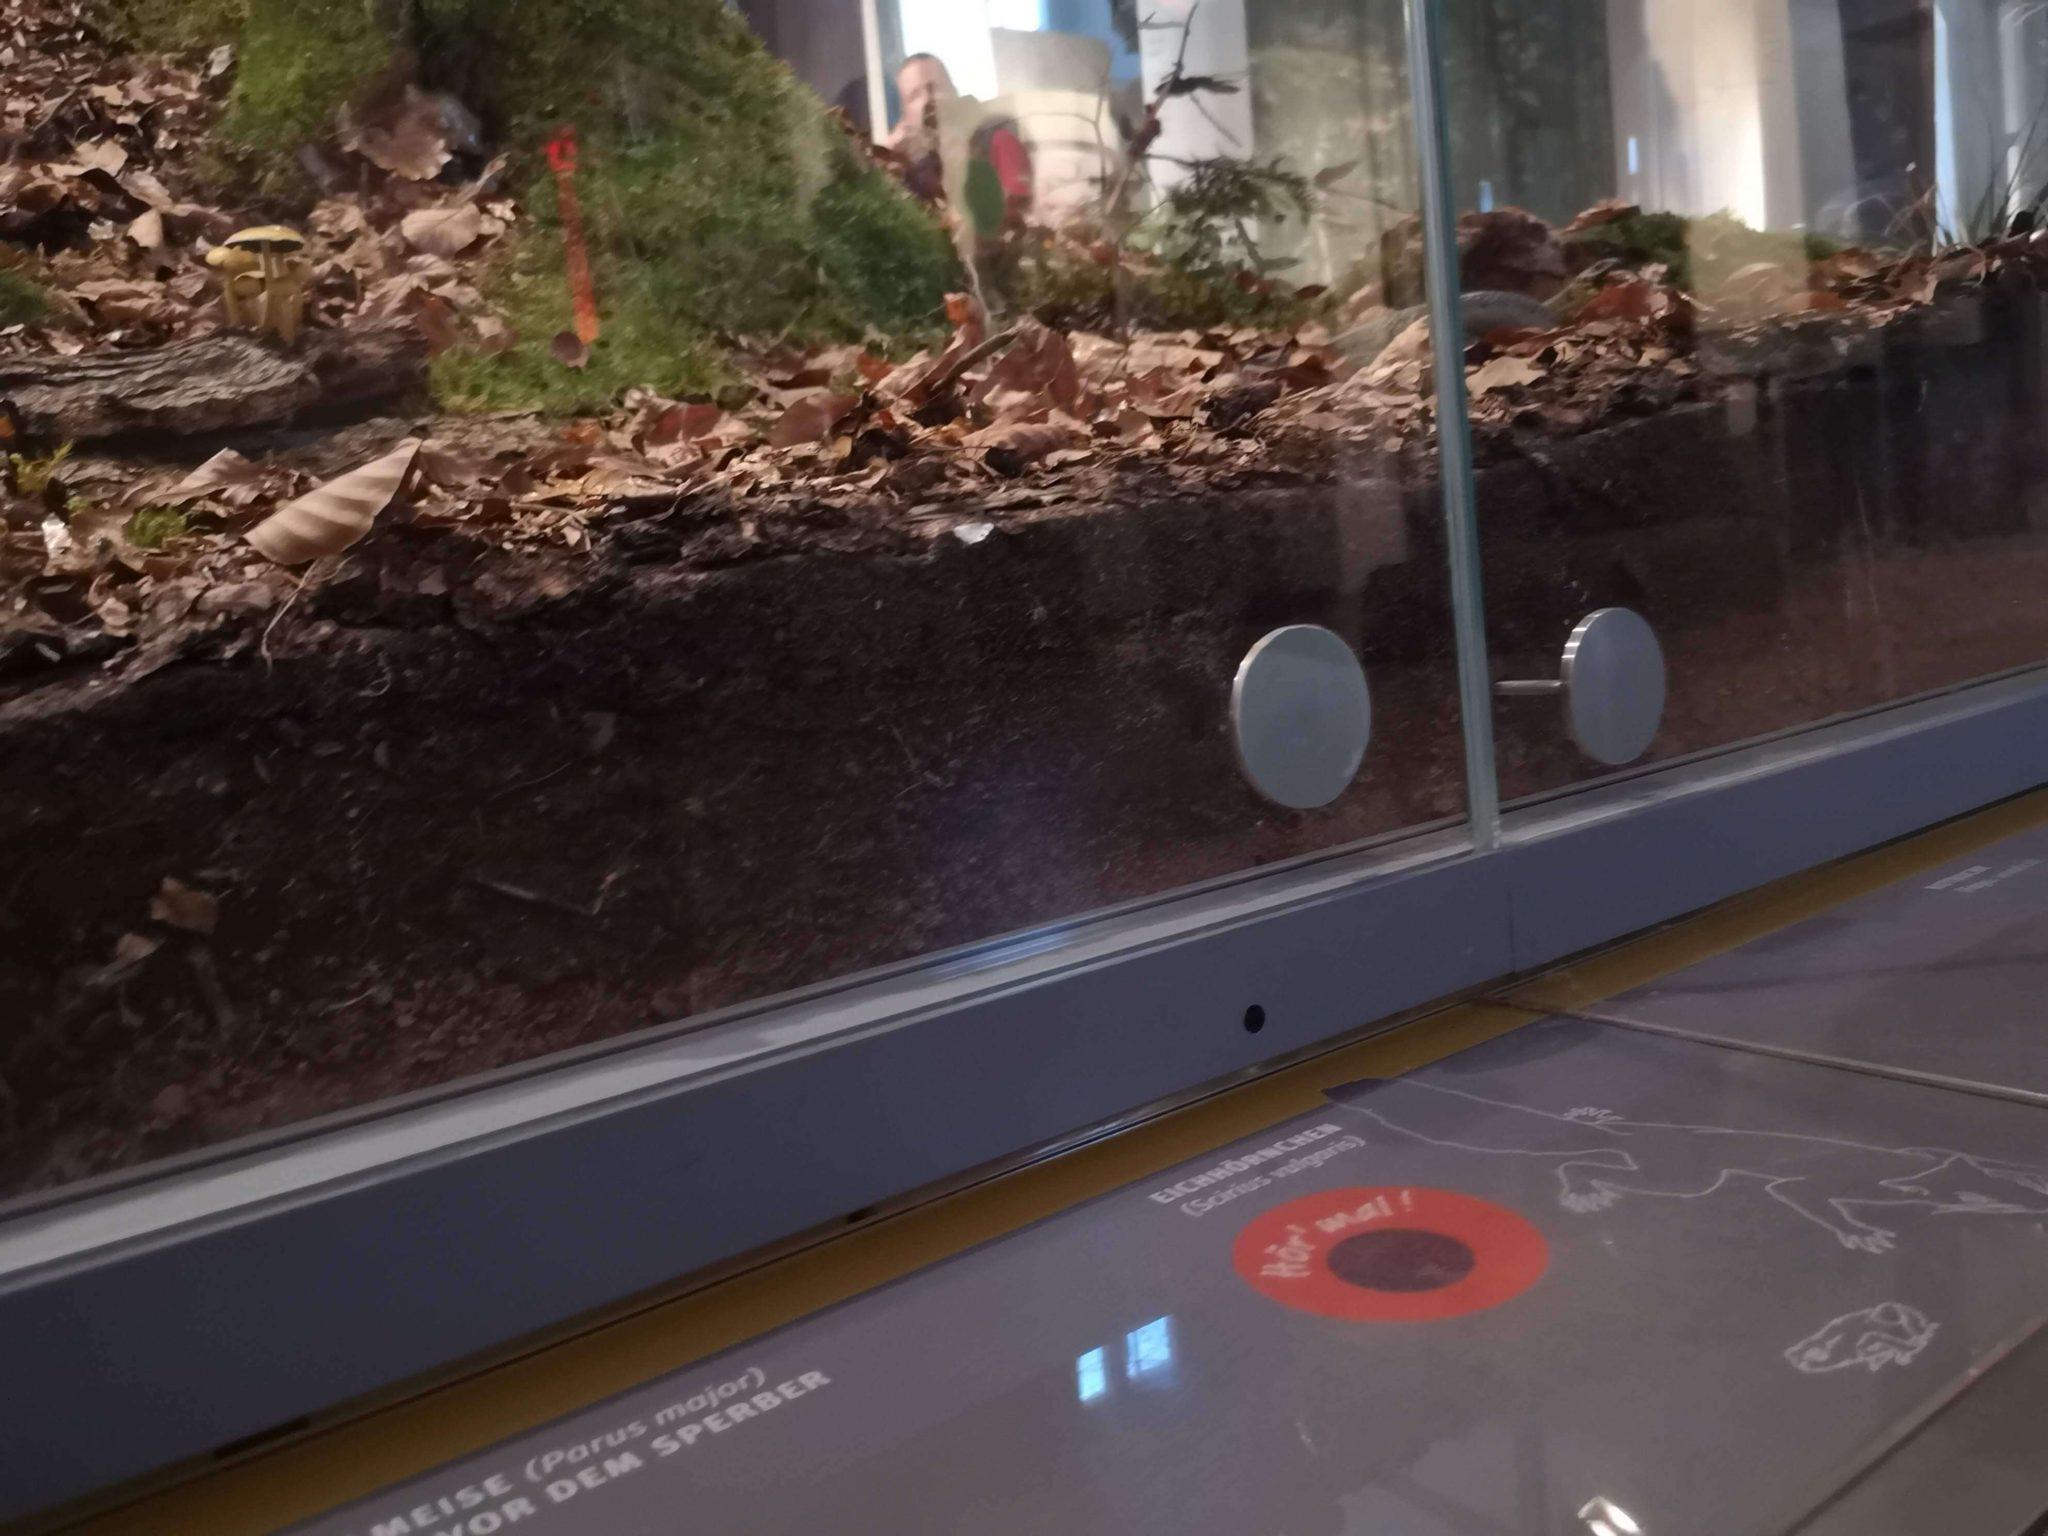 Die Ausstellung ist interaktiv und einfach zu bedienen für alle Kinder - Frankfurt mit Kids